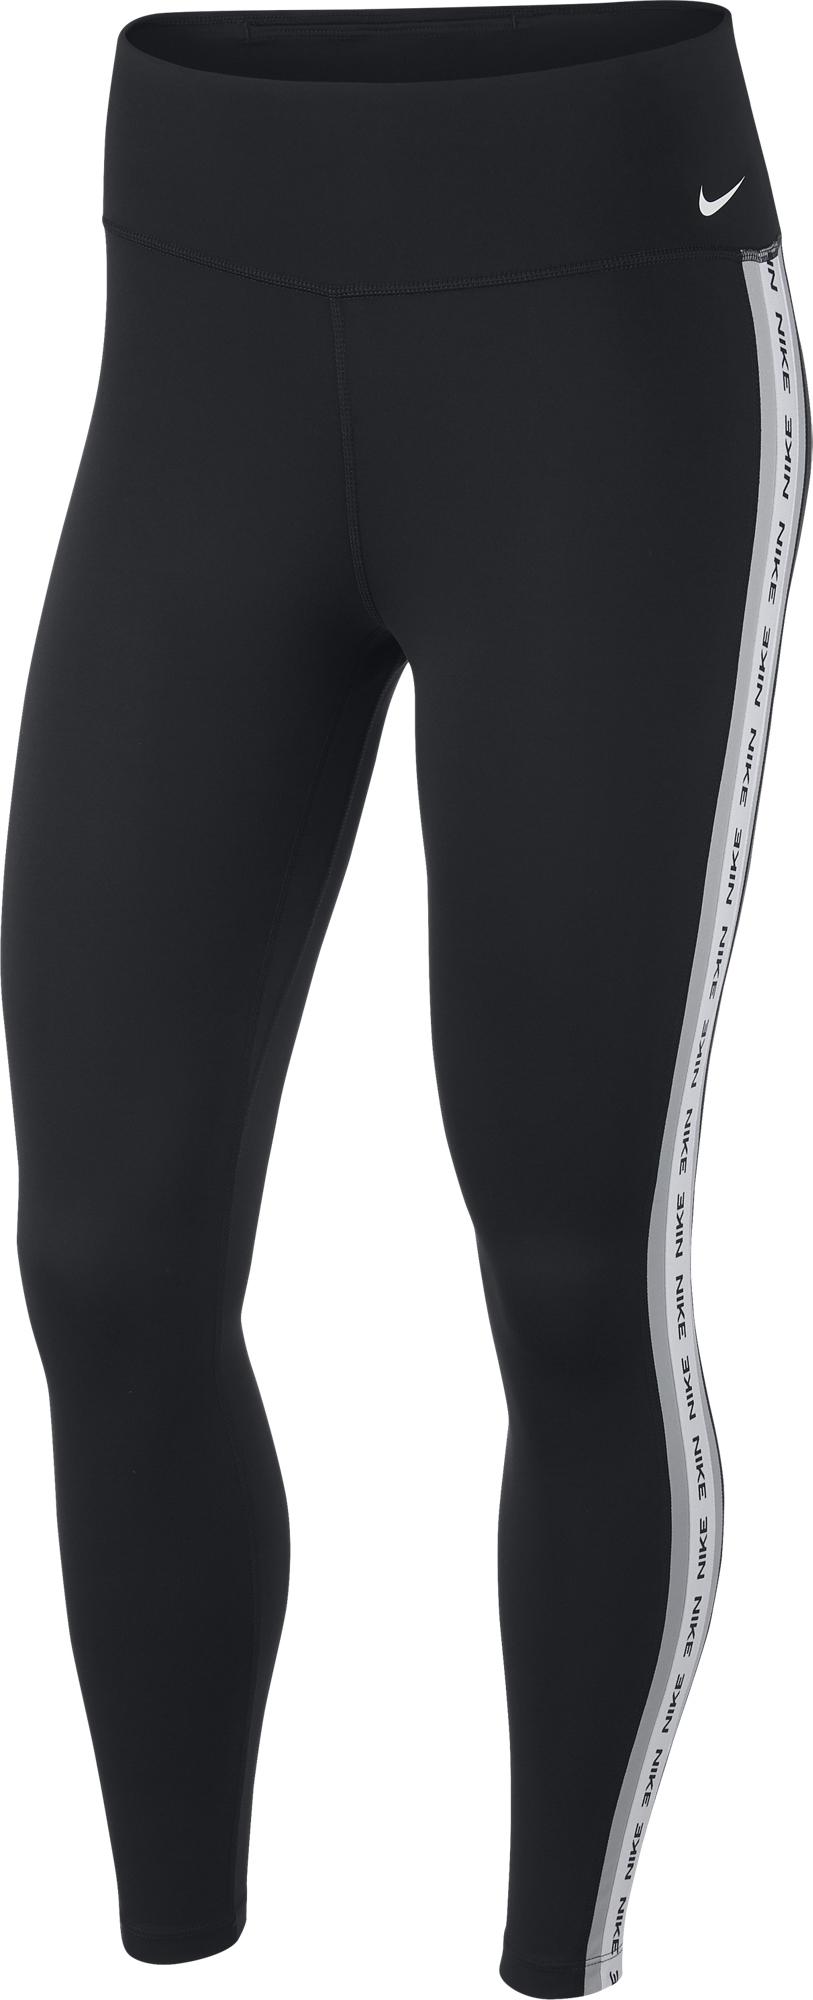 Nike Легинсы женские One, размер 42-44